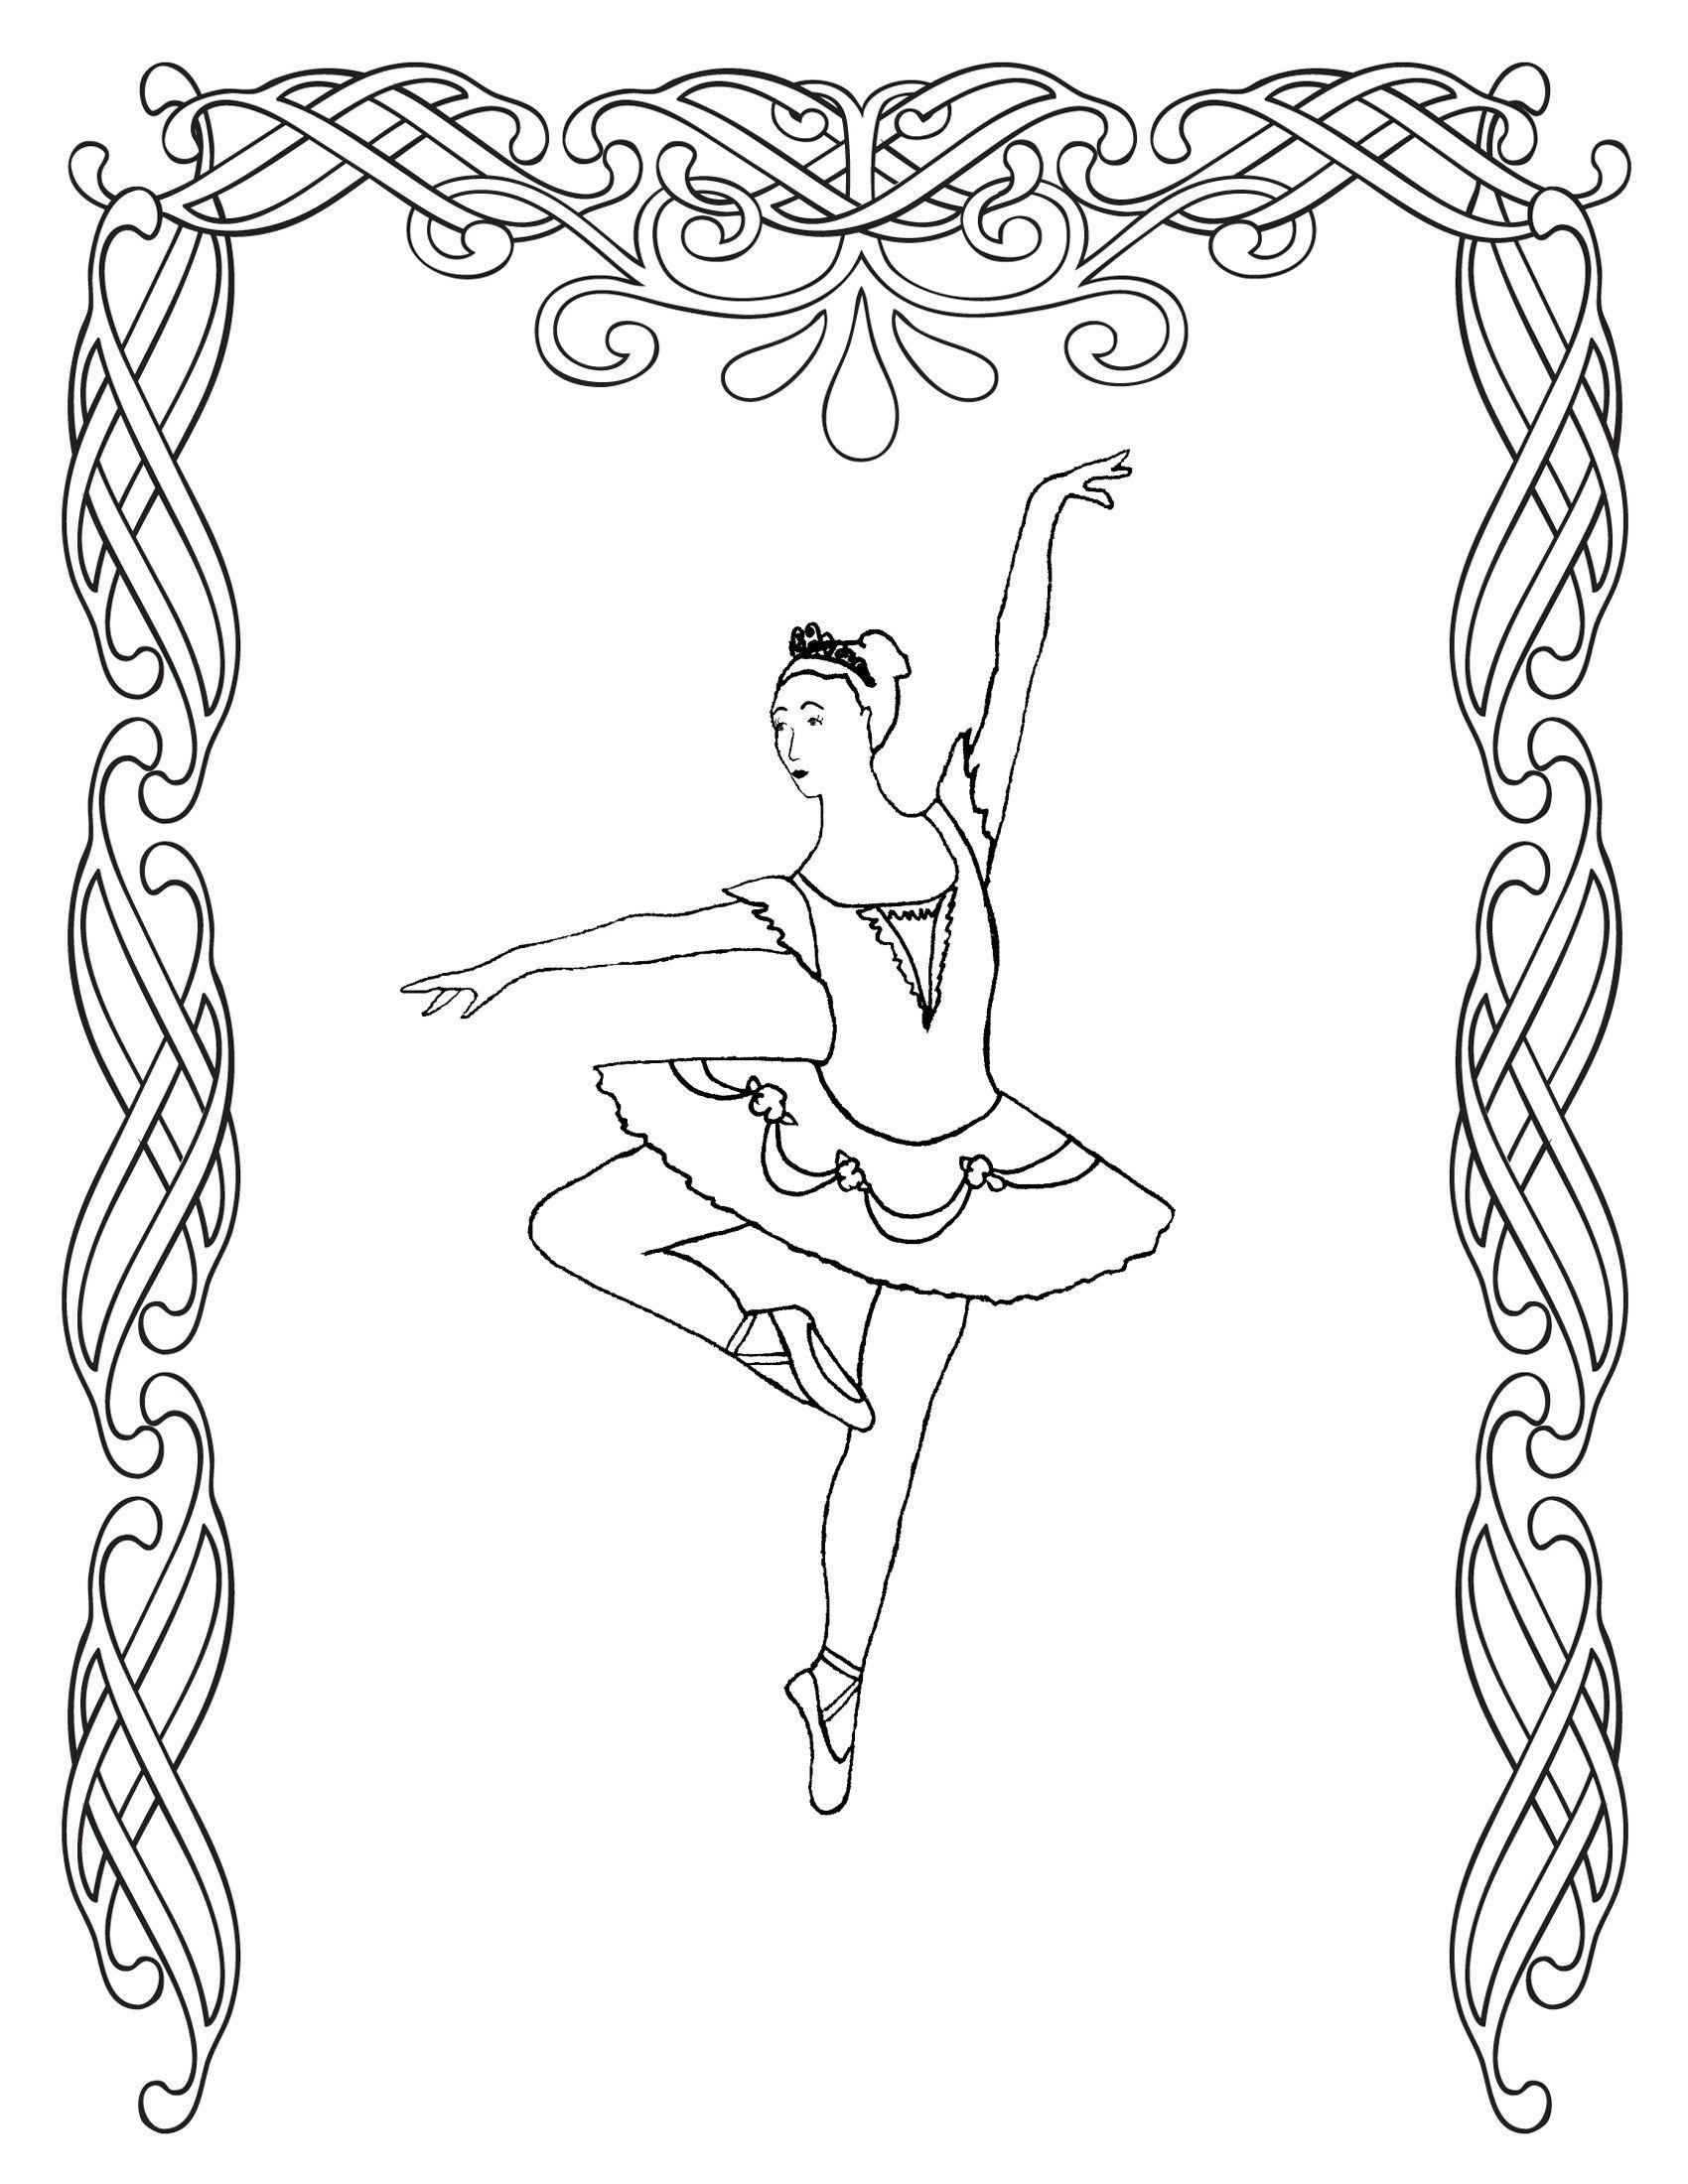 Ballerina Ausmalbilder Kostenlos Malvorlage Prinzessin Disney Prinzessin Malvorlagen Malvorlagen